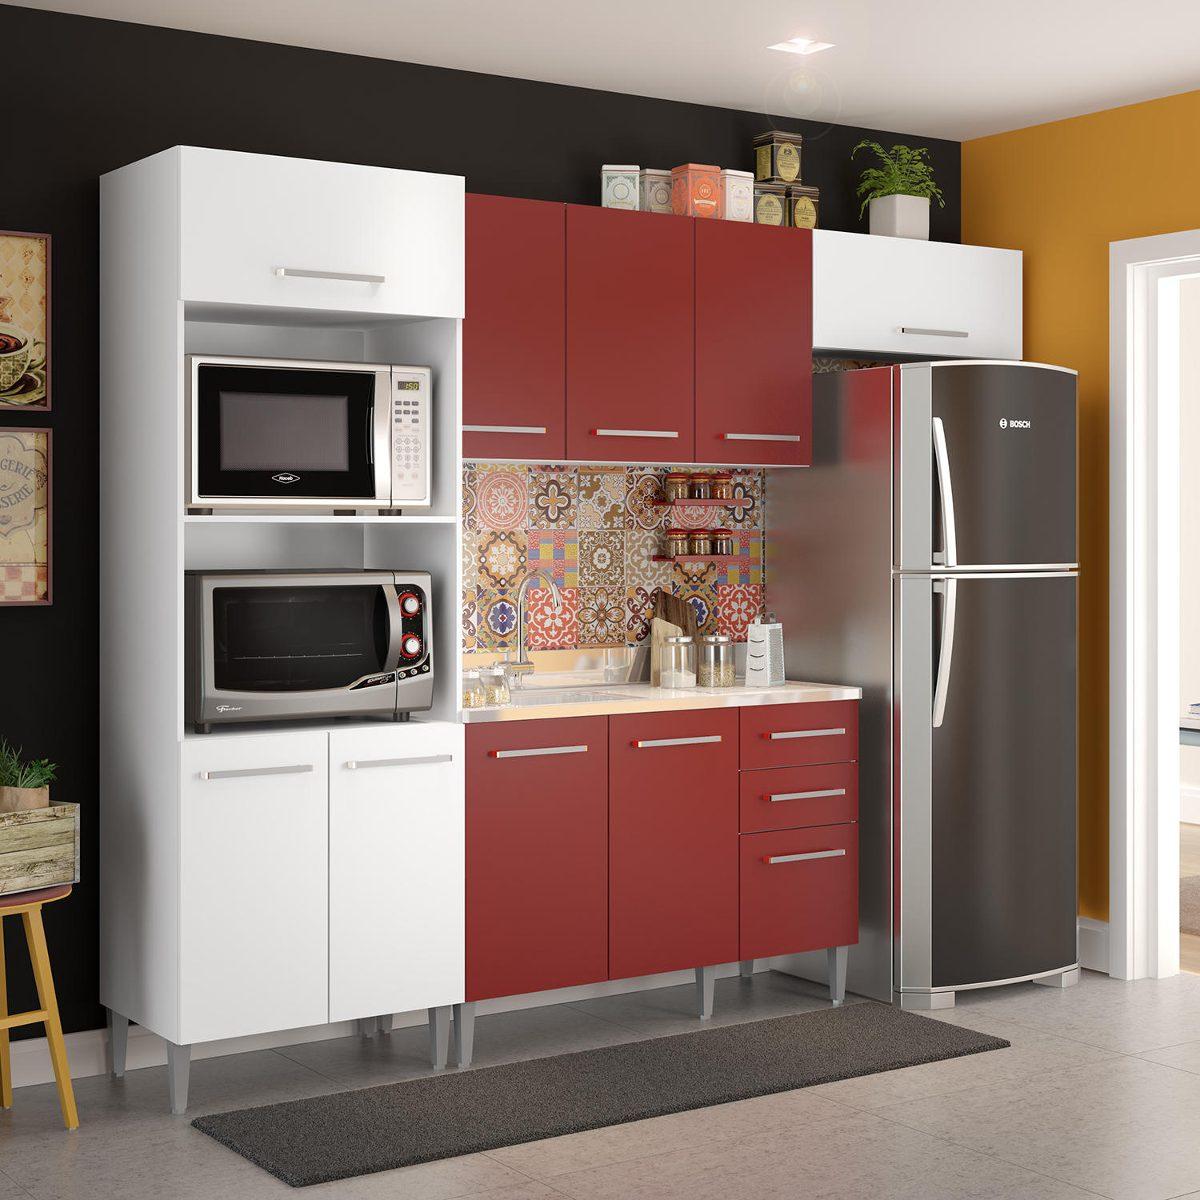 Cozinha Completa Tulipa Madesa Branco Vermelho Bjwt R 931 10 Em